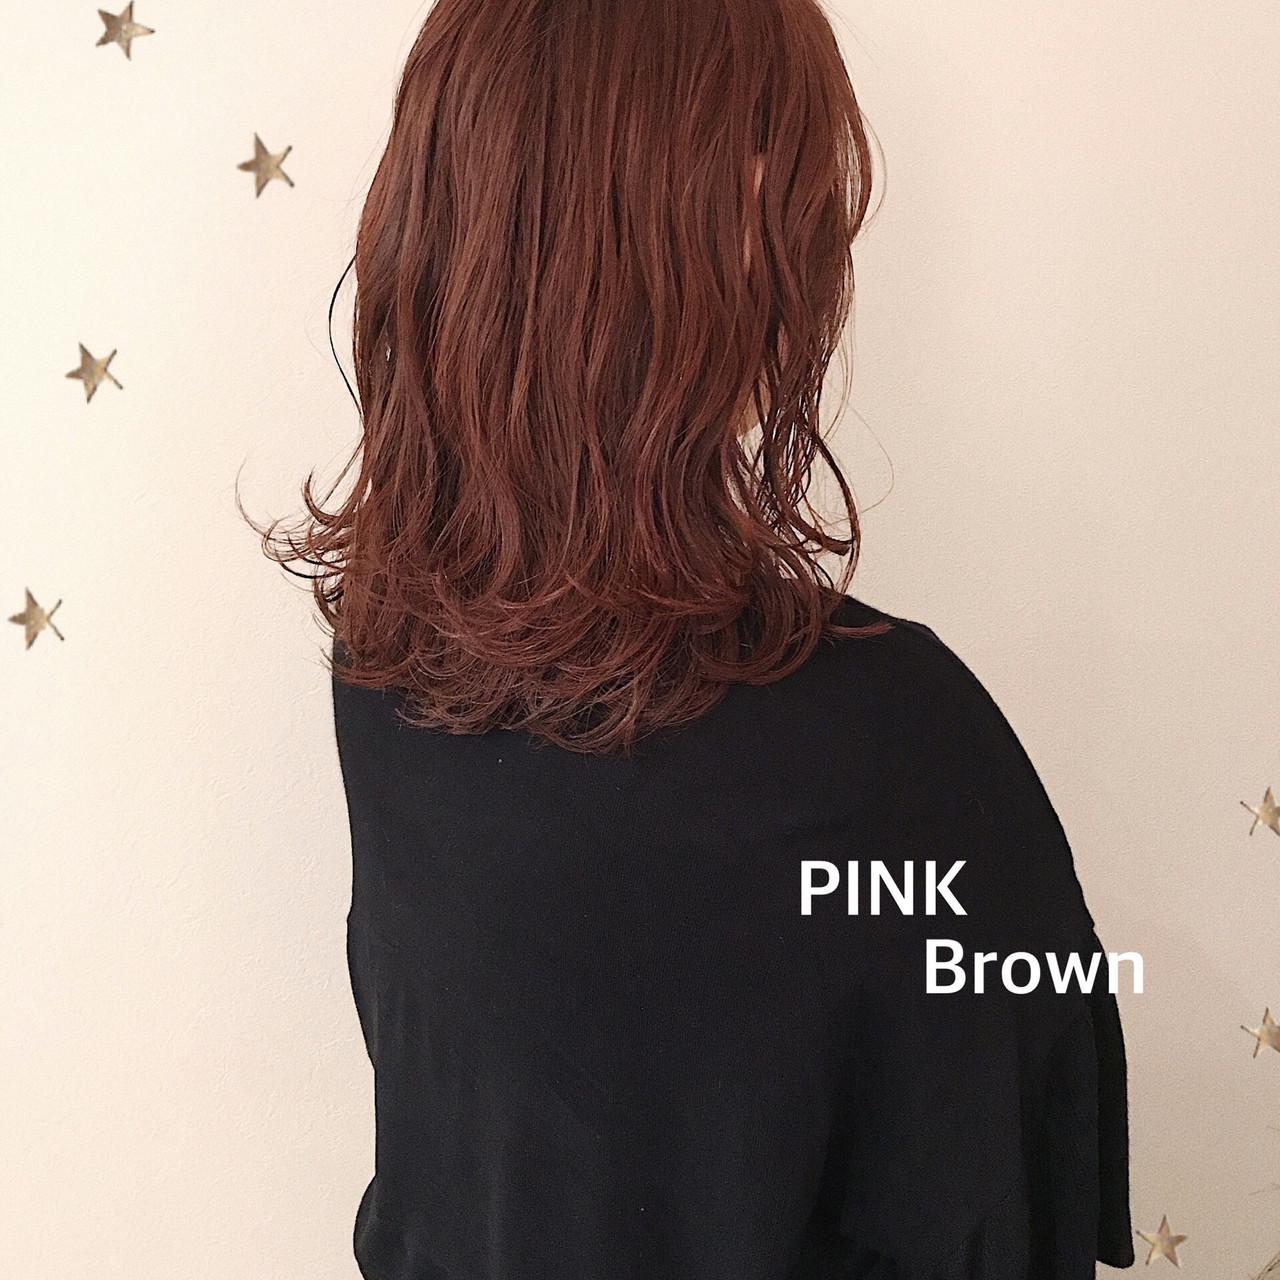 大人かわいい 大人可愛い ミディアム ピンクブラウン ヘアスタイルや髪型の写真・画像